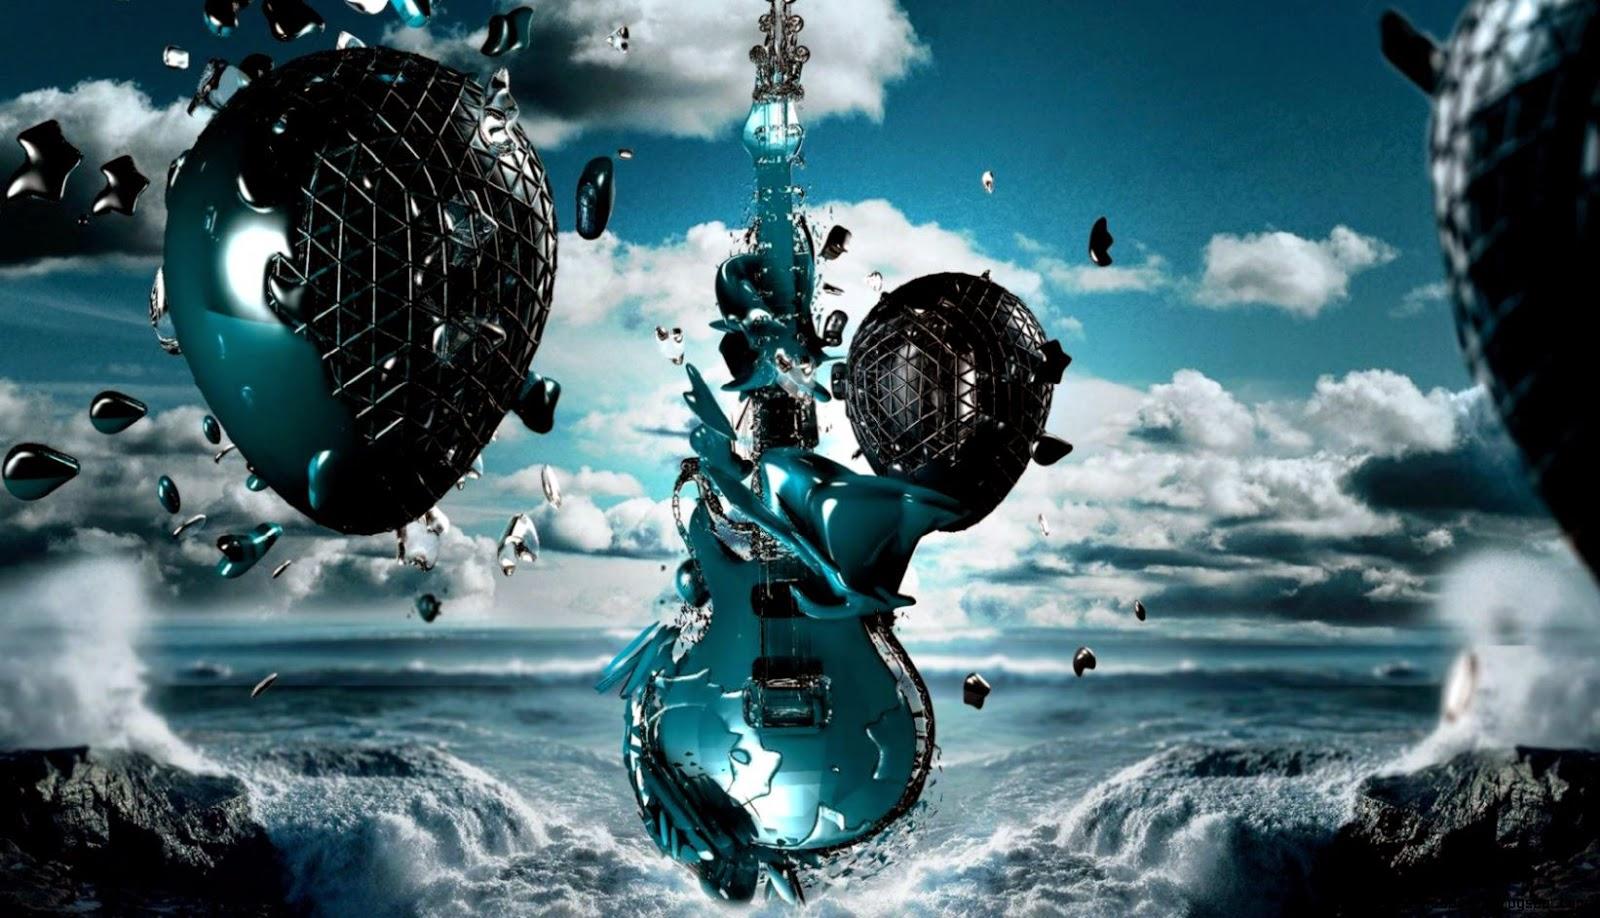 3D Abstract Clouds Guitars Digital Art Wallpaper PicsHDWall 1600x918